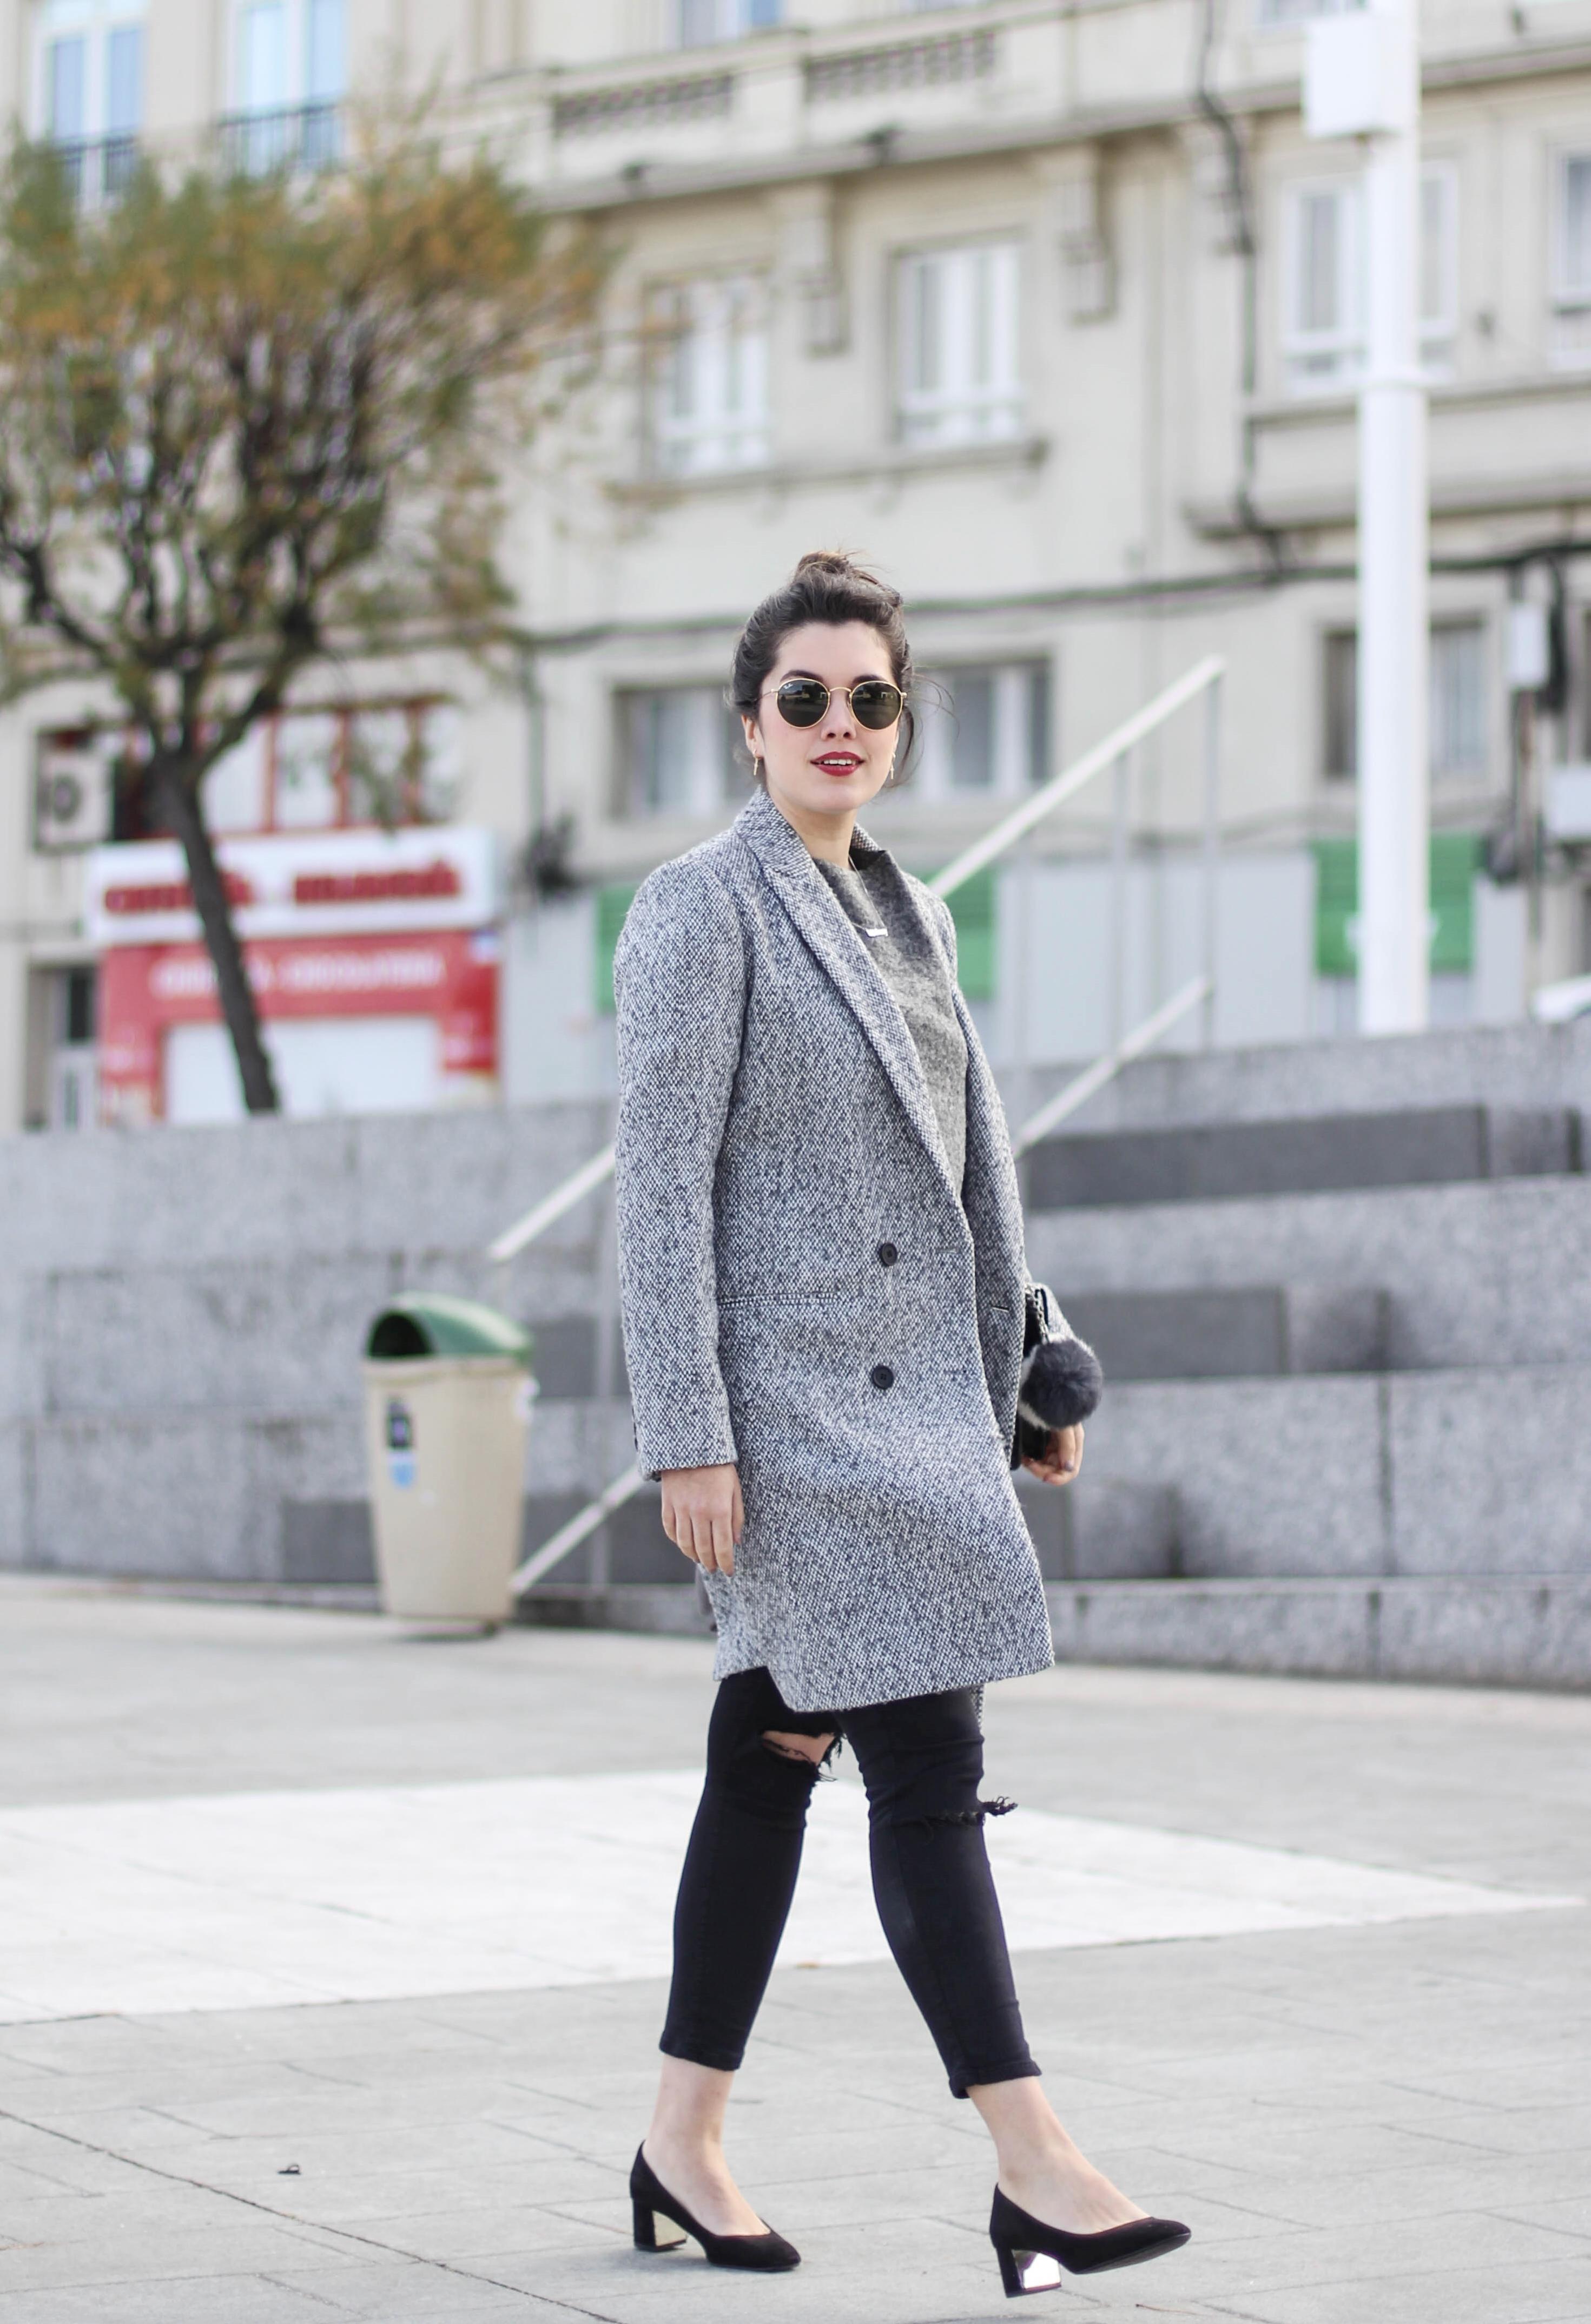 look femenino con abrigo gris myblueberrynightsblog